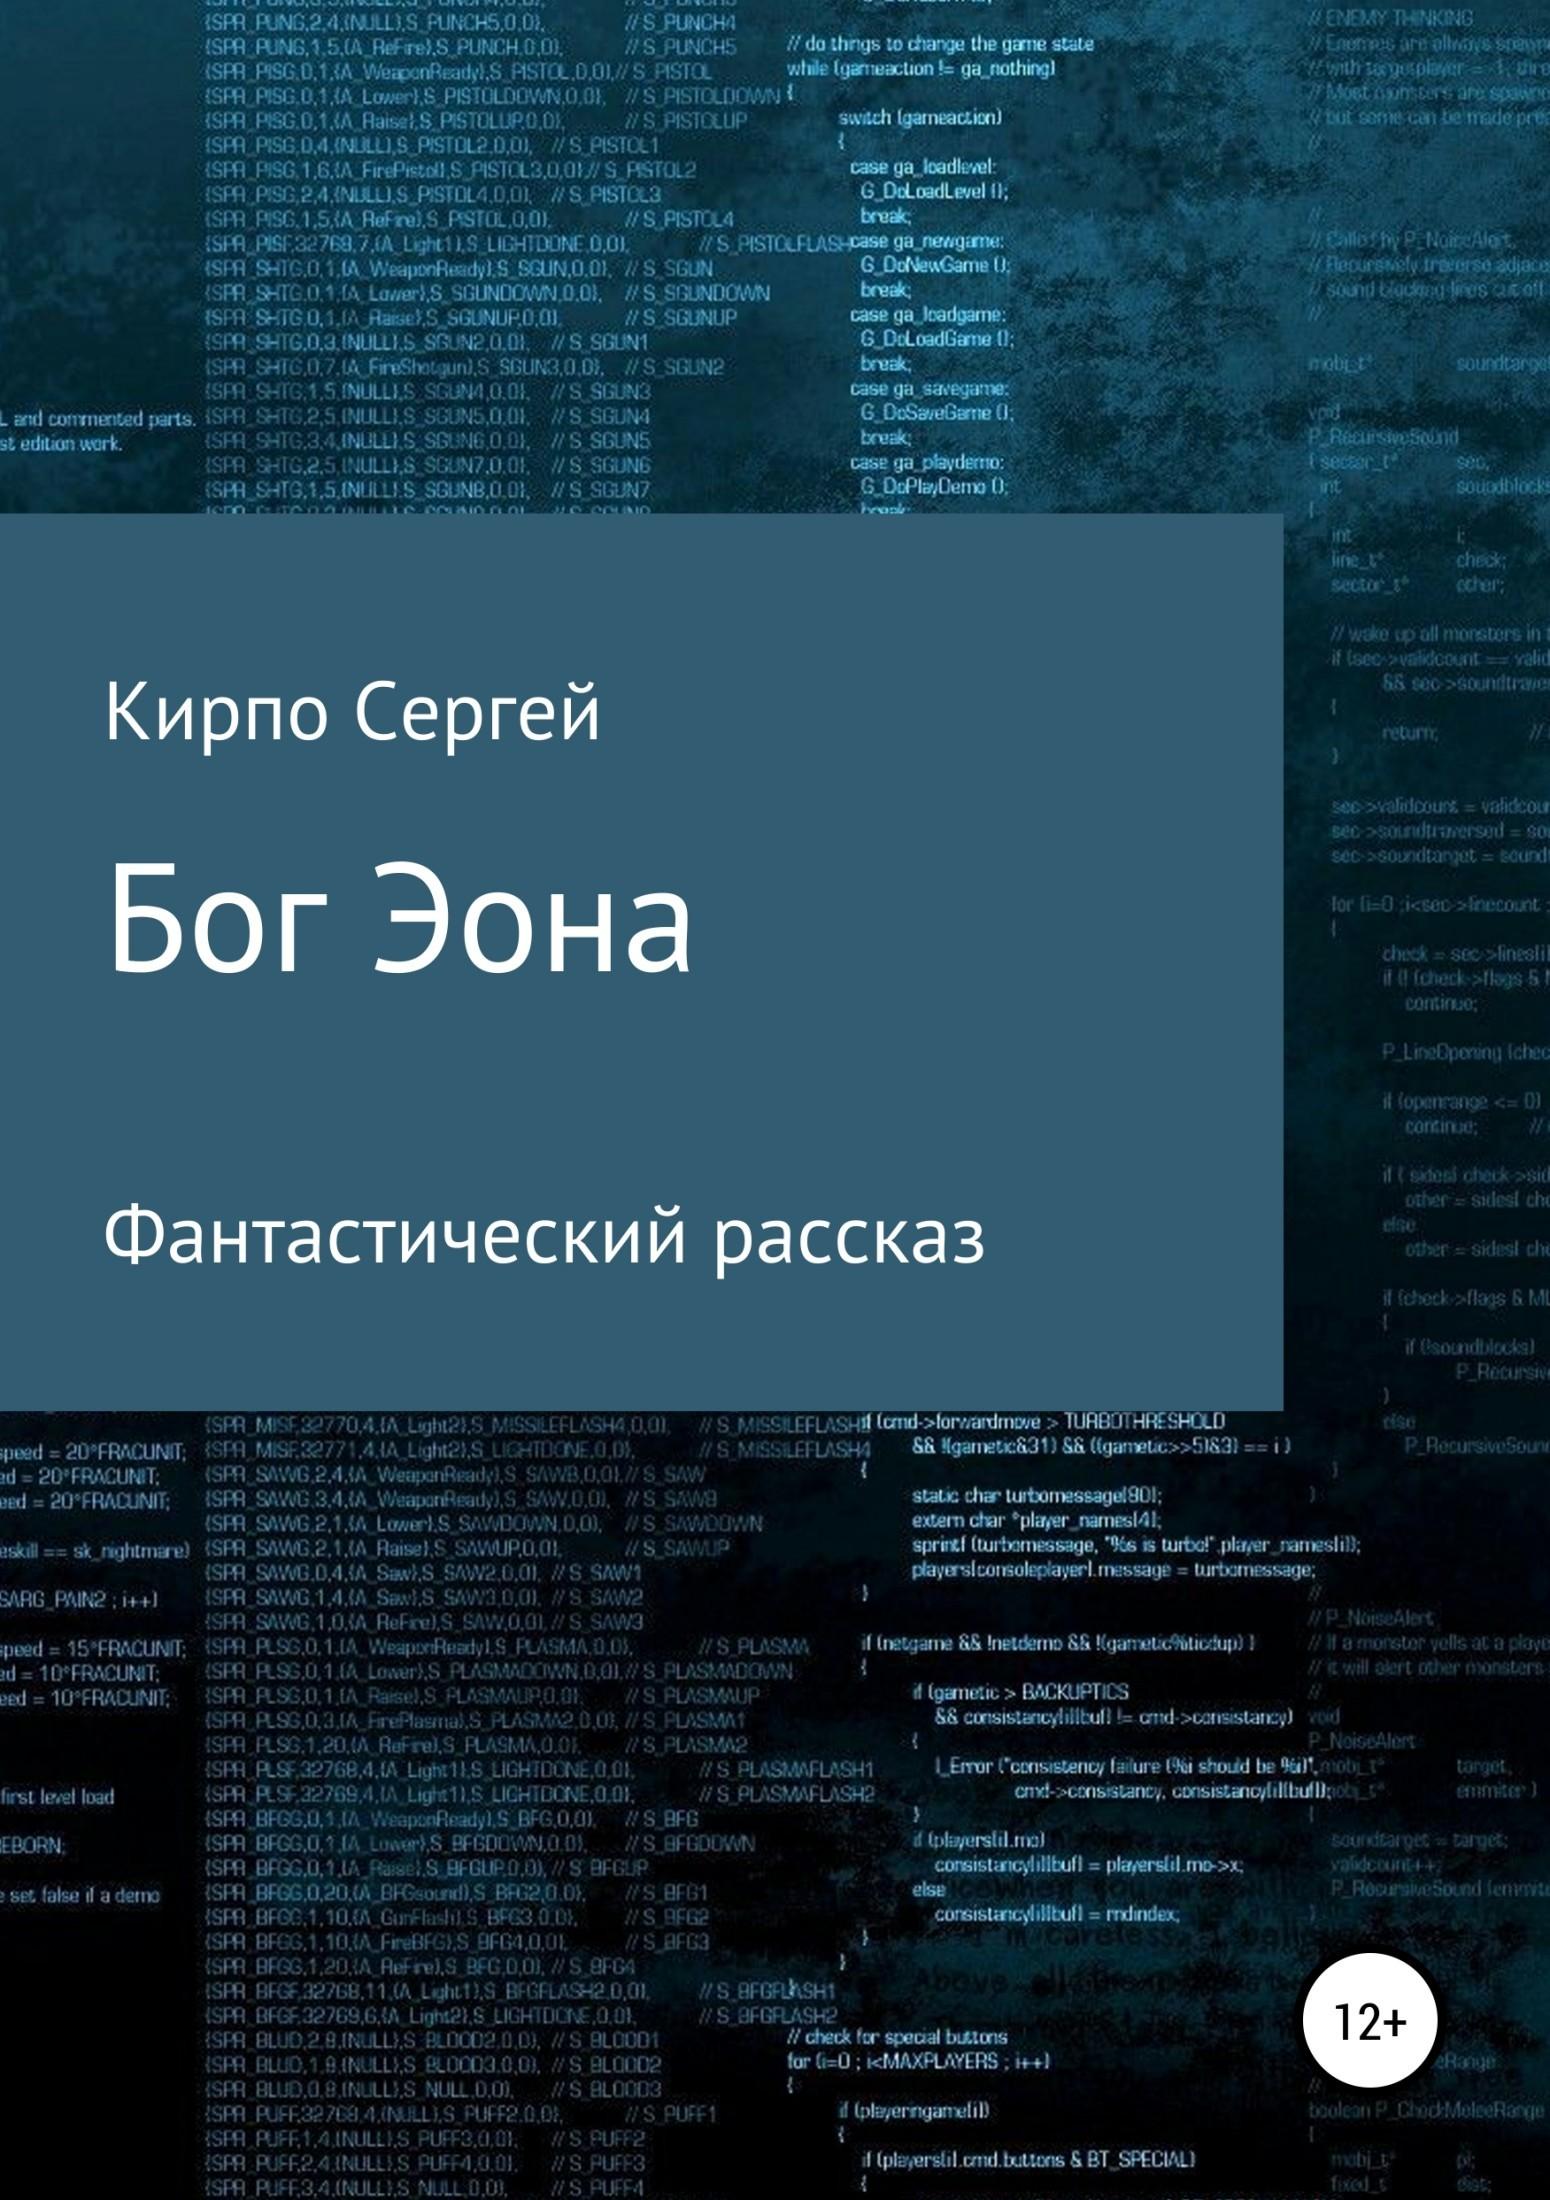 Сергей Валерьевич Кирпо Бог Эона сергей валерьевич кирпо на меньшее не согласен